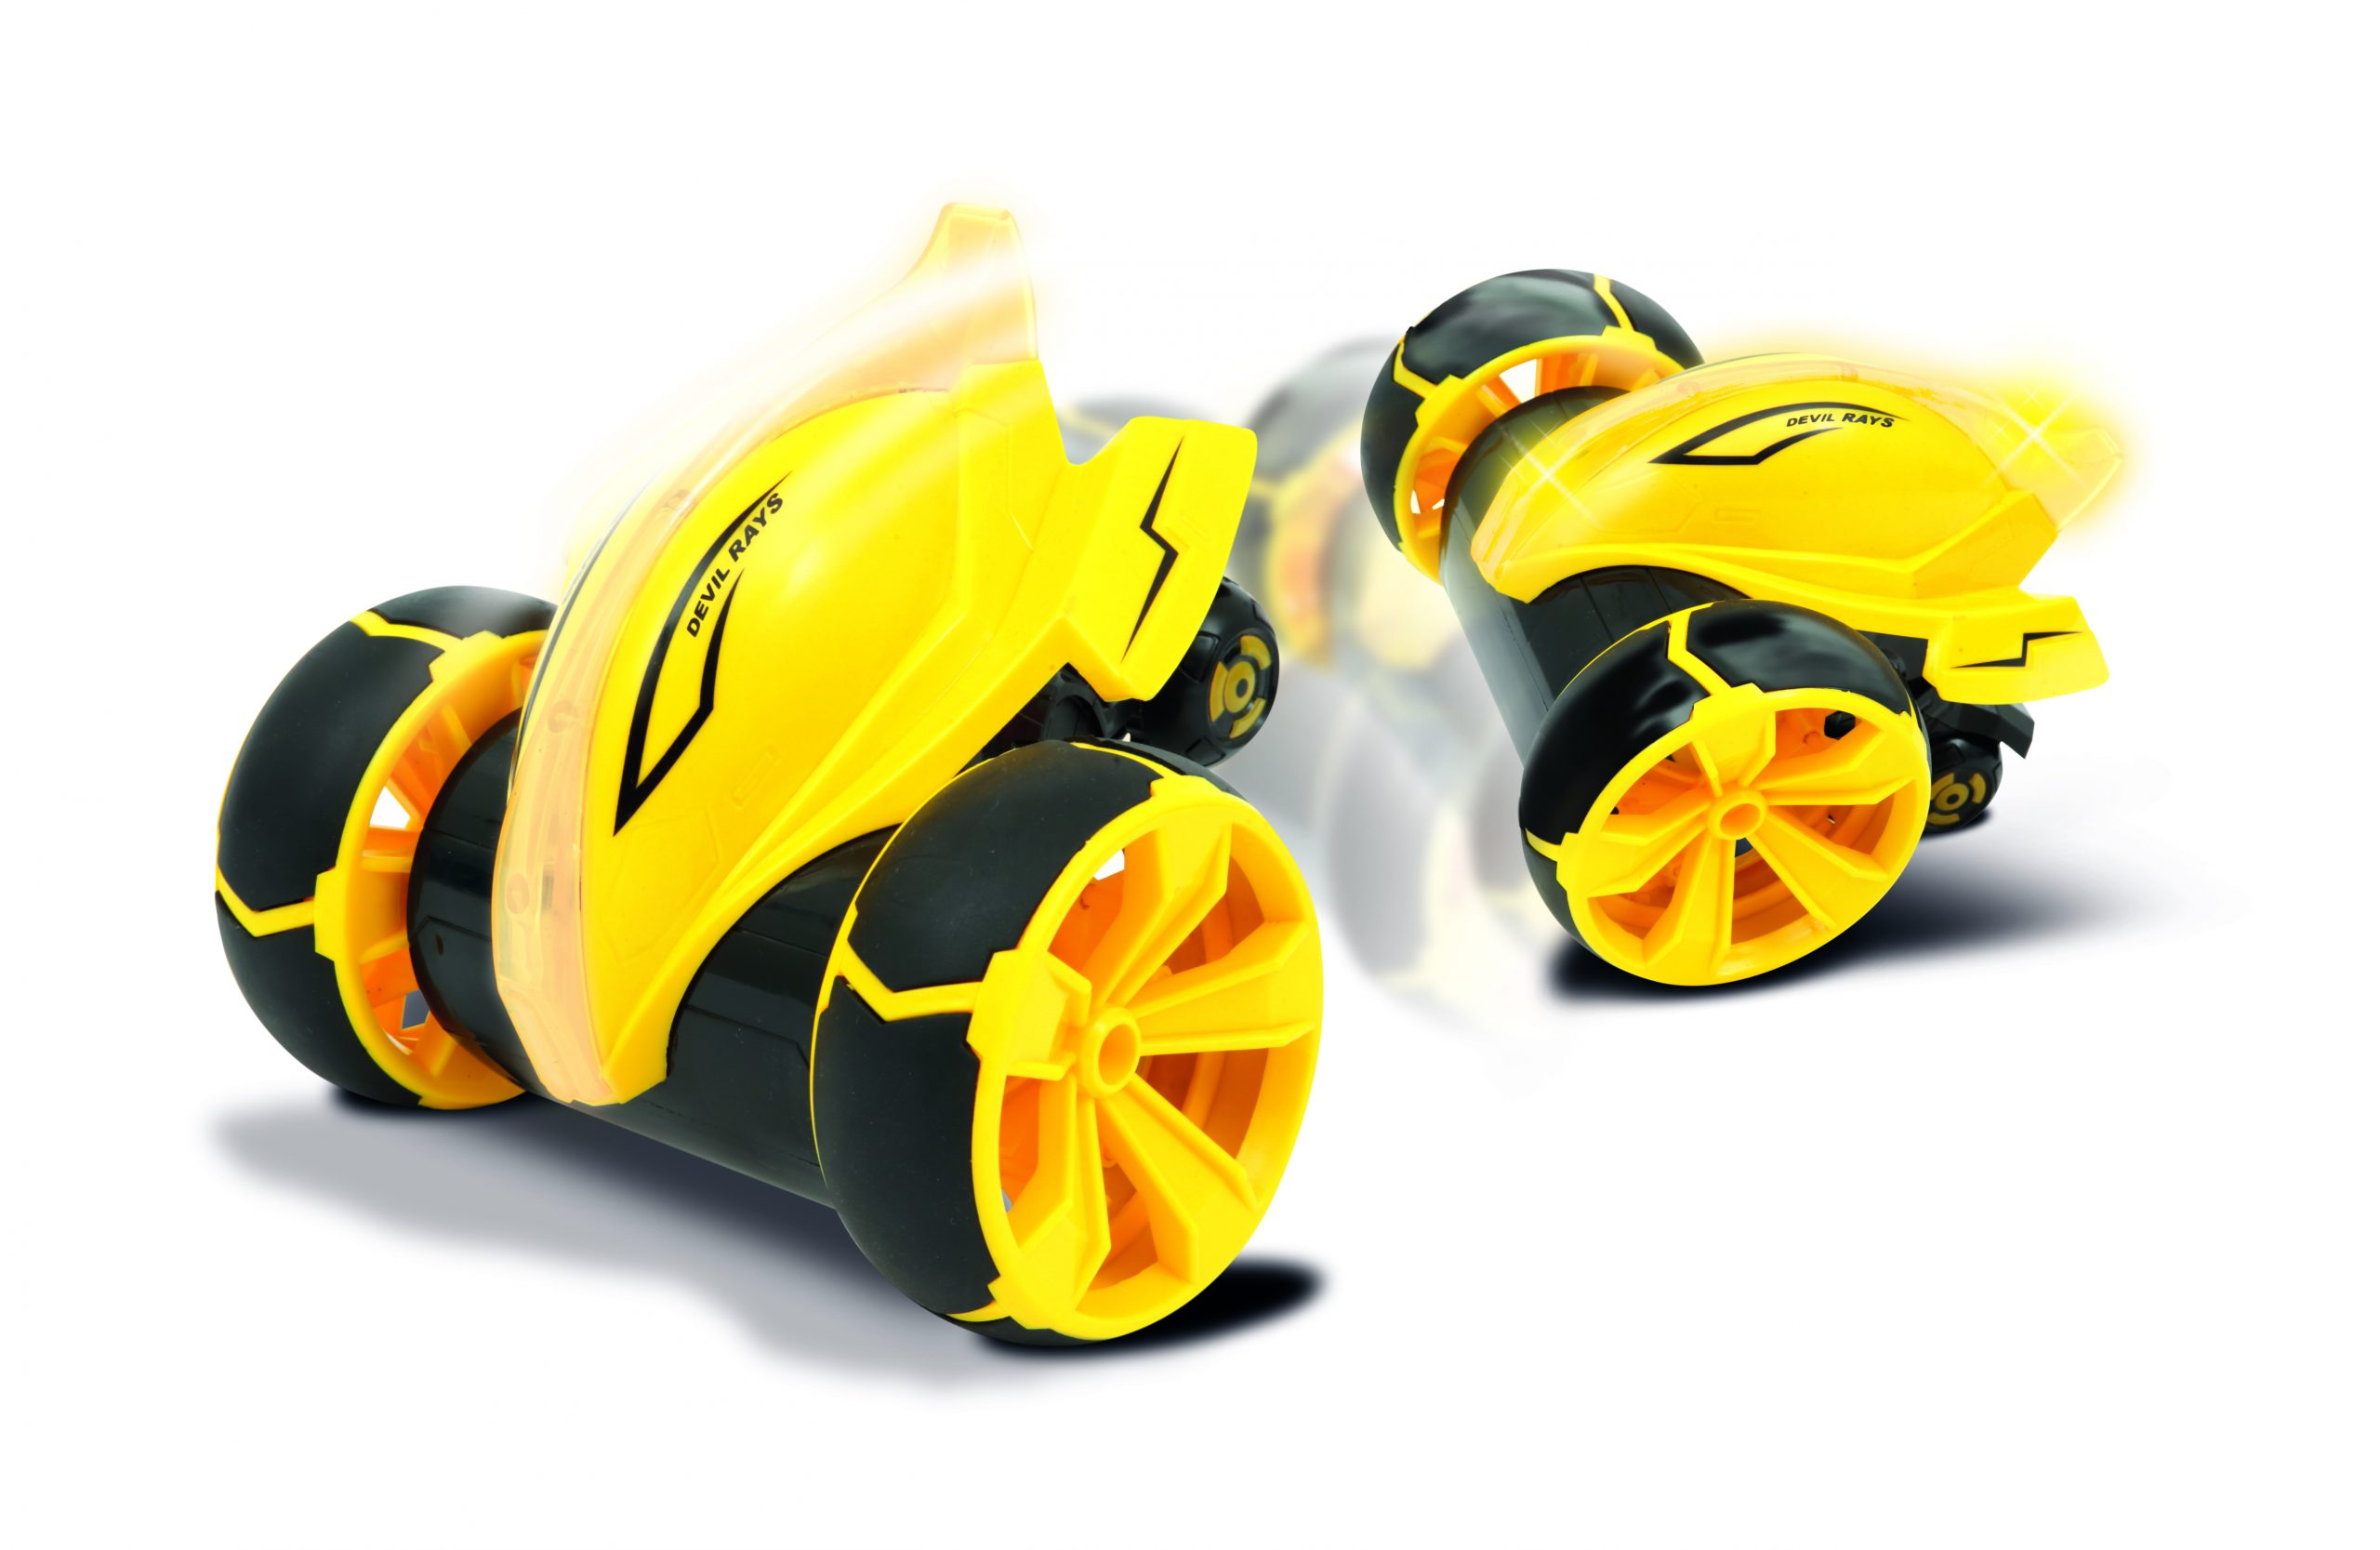 Motor&Co Όχημα r/c monster fish 2.4 GHZ